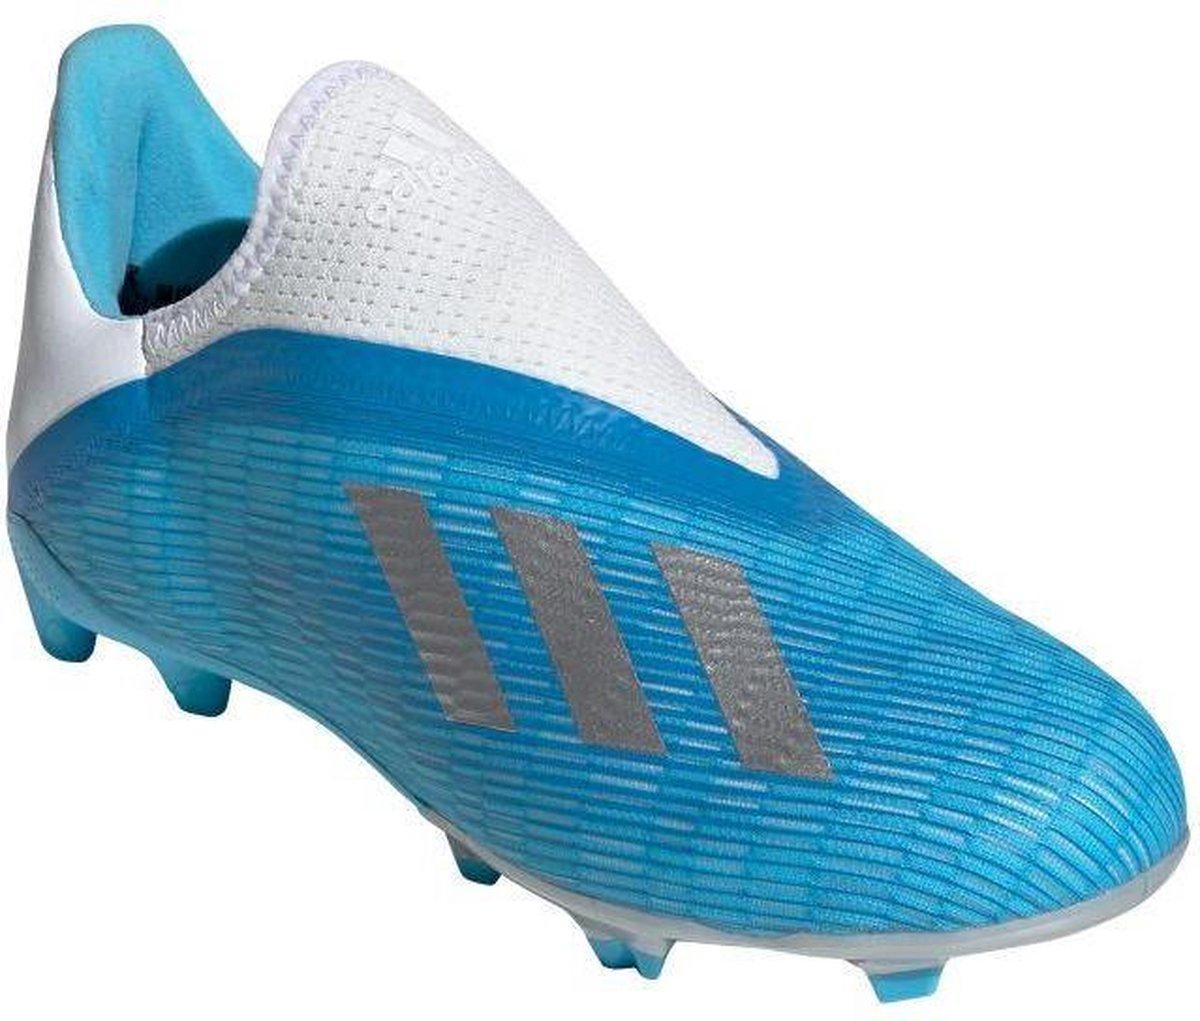 Adidas X 19.3 LL FG Jr Voetbalschoenen Grasveld blauw licht 38